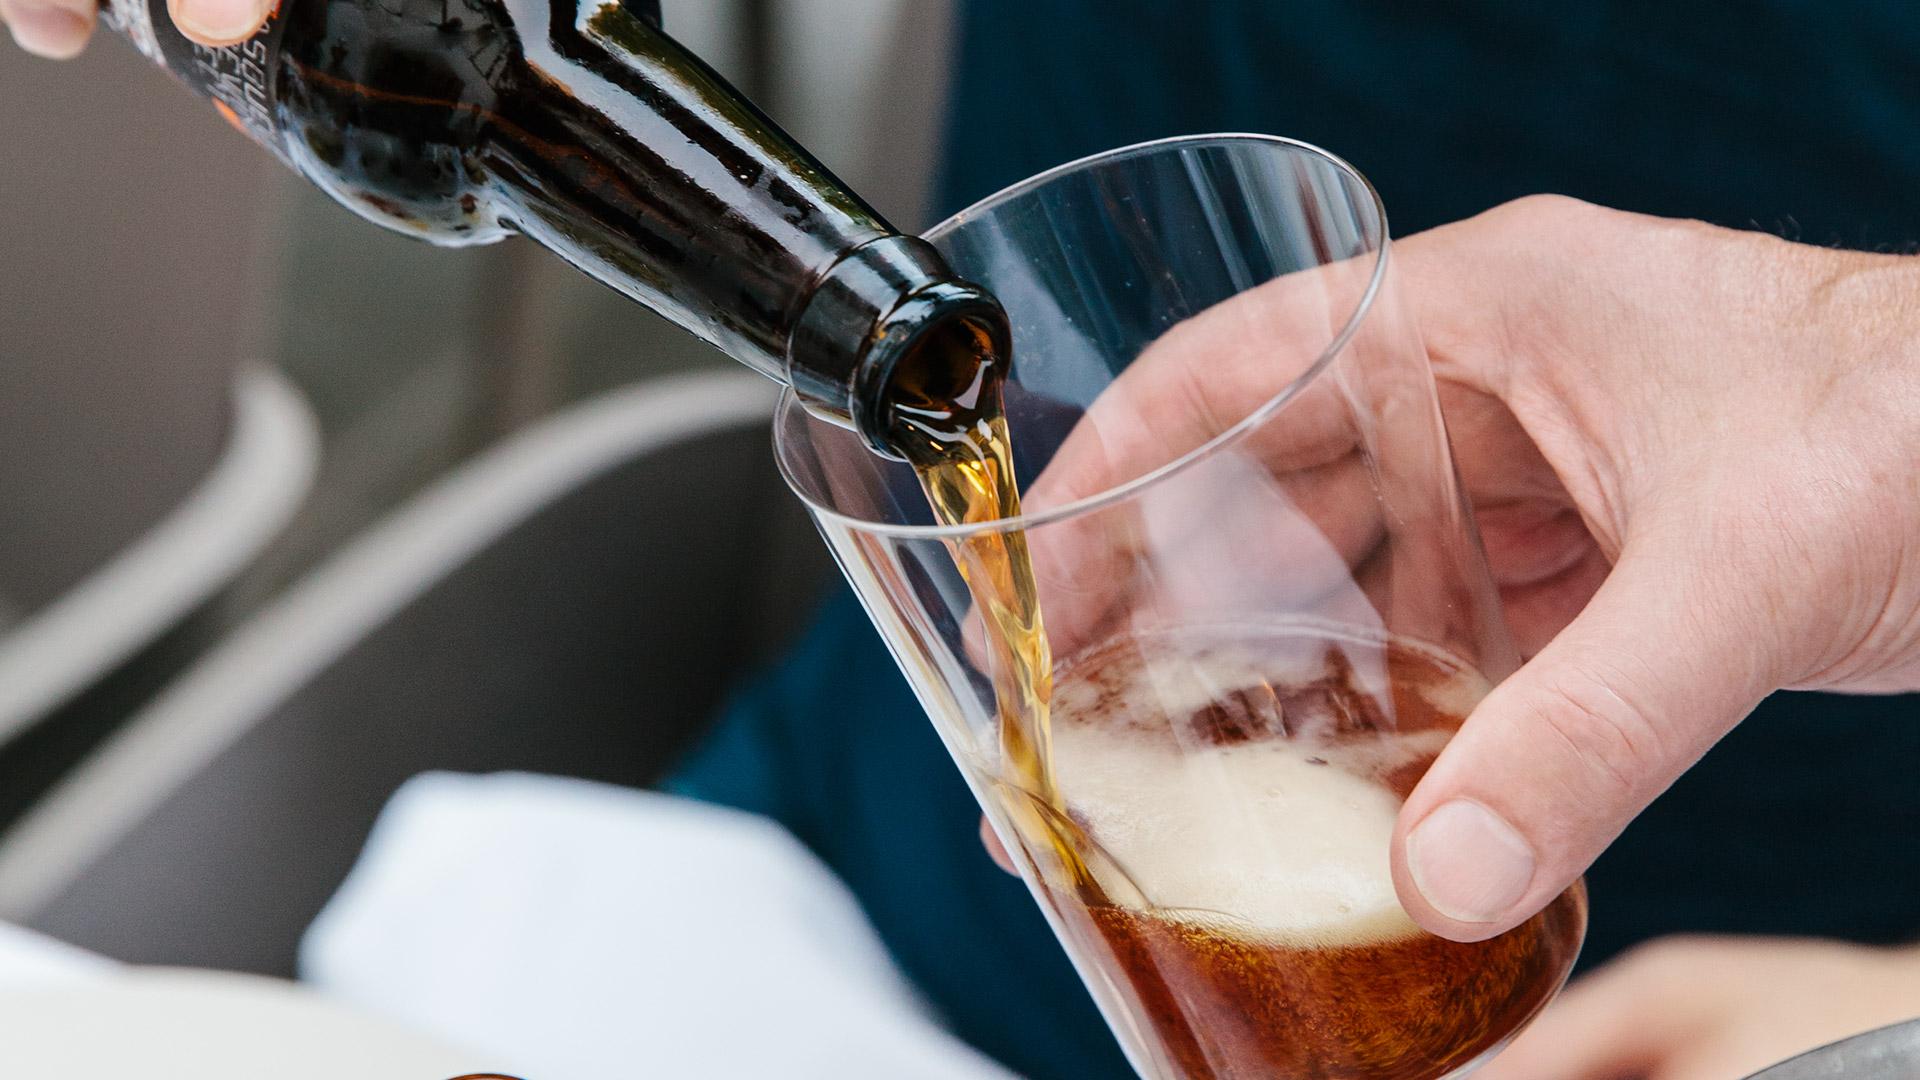 sirviendo cerveza artesana BBP